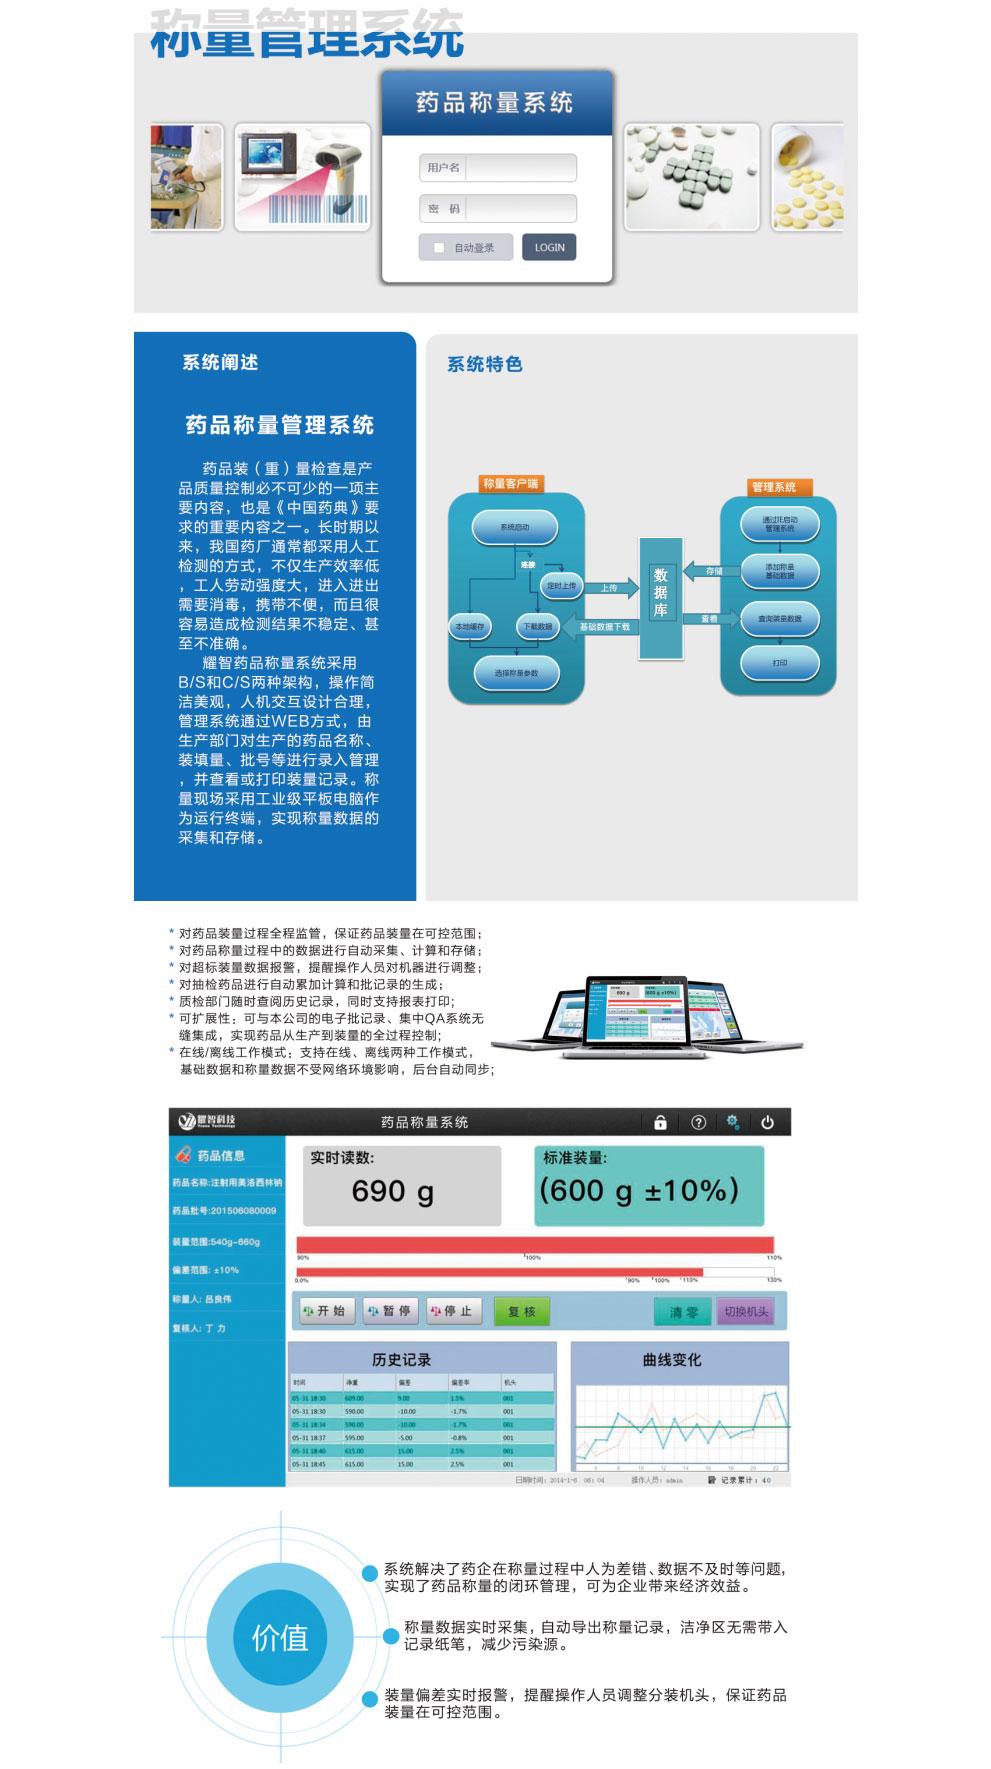 称量系统1.jpg